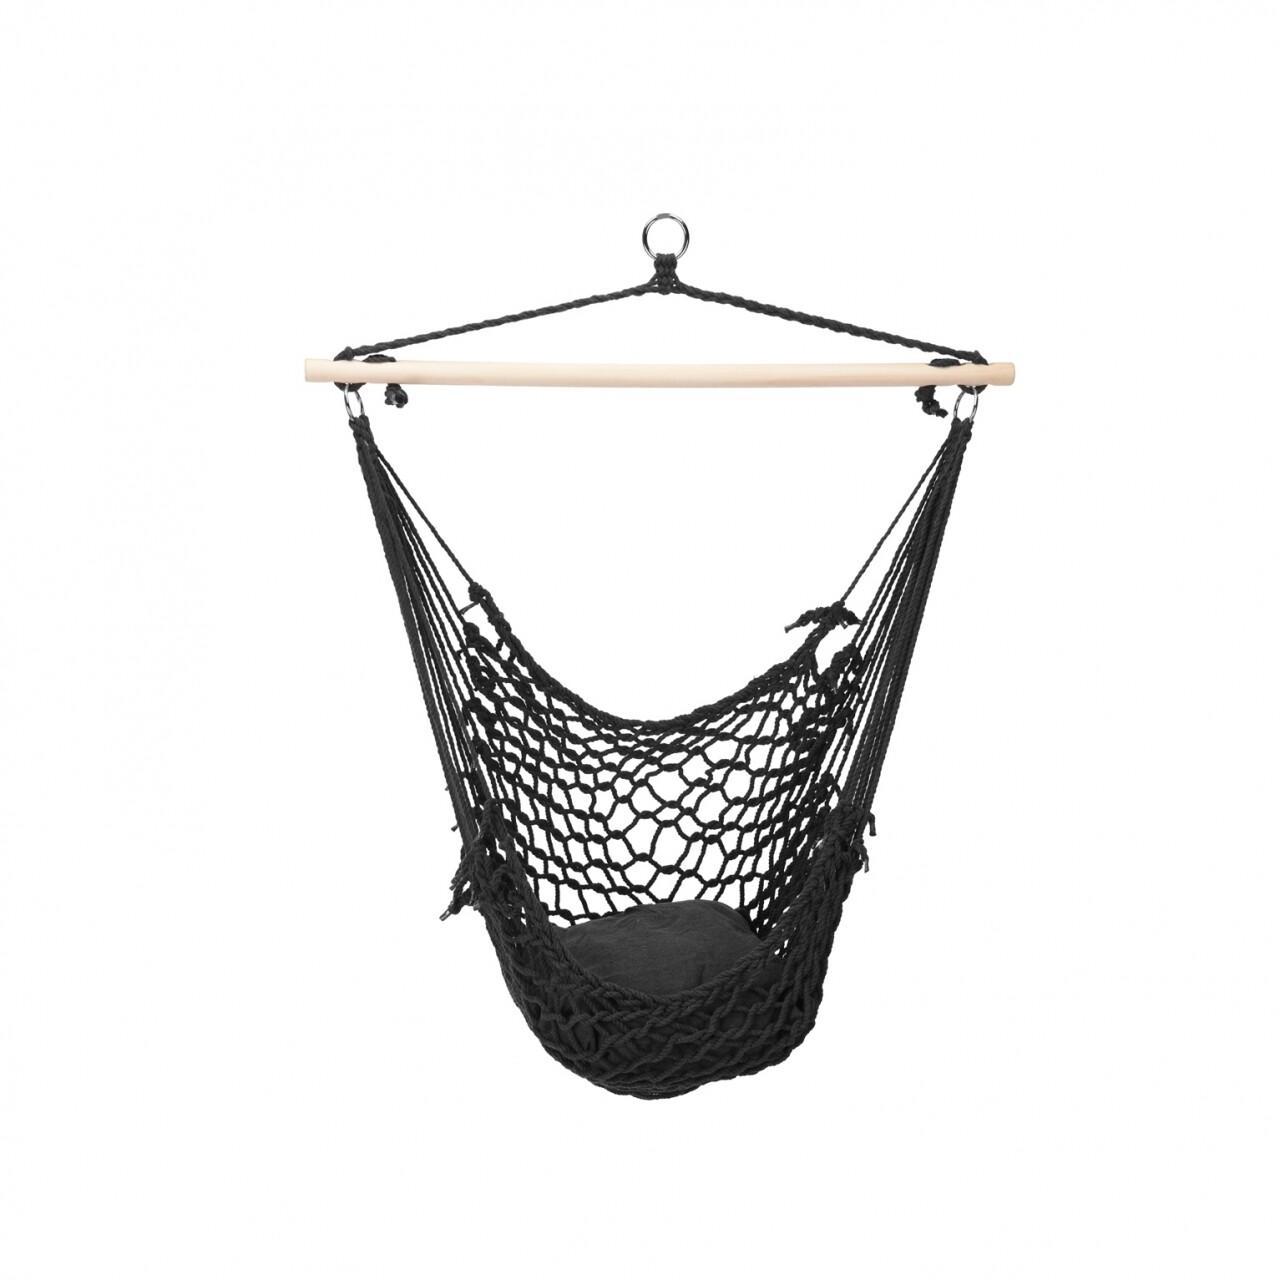 Hamac tip scaun, 40x40 cm, Black